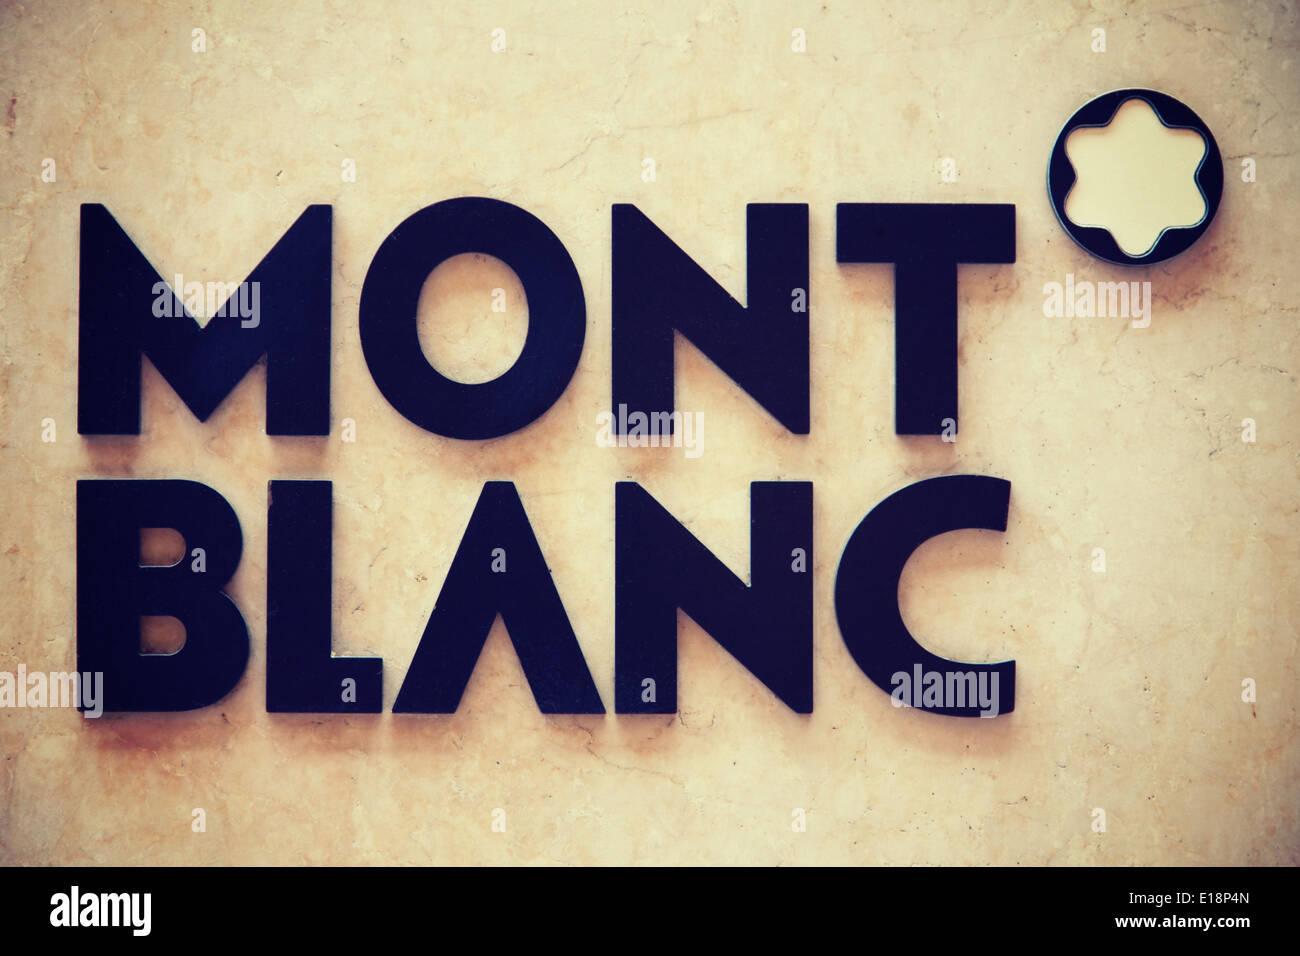 Società svizzera Mont Blanc nome della marca Immagini Stock